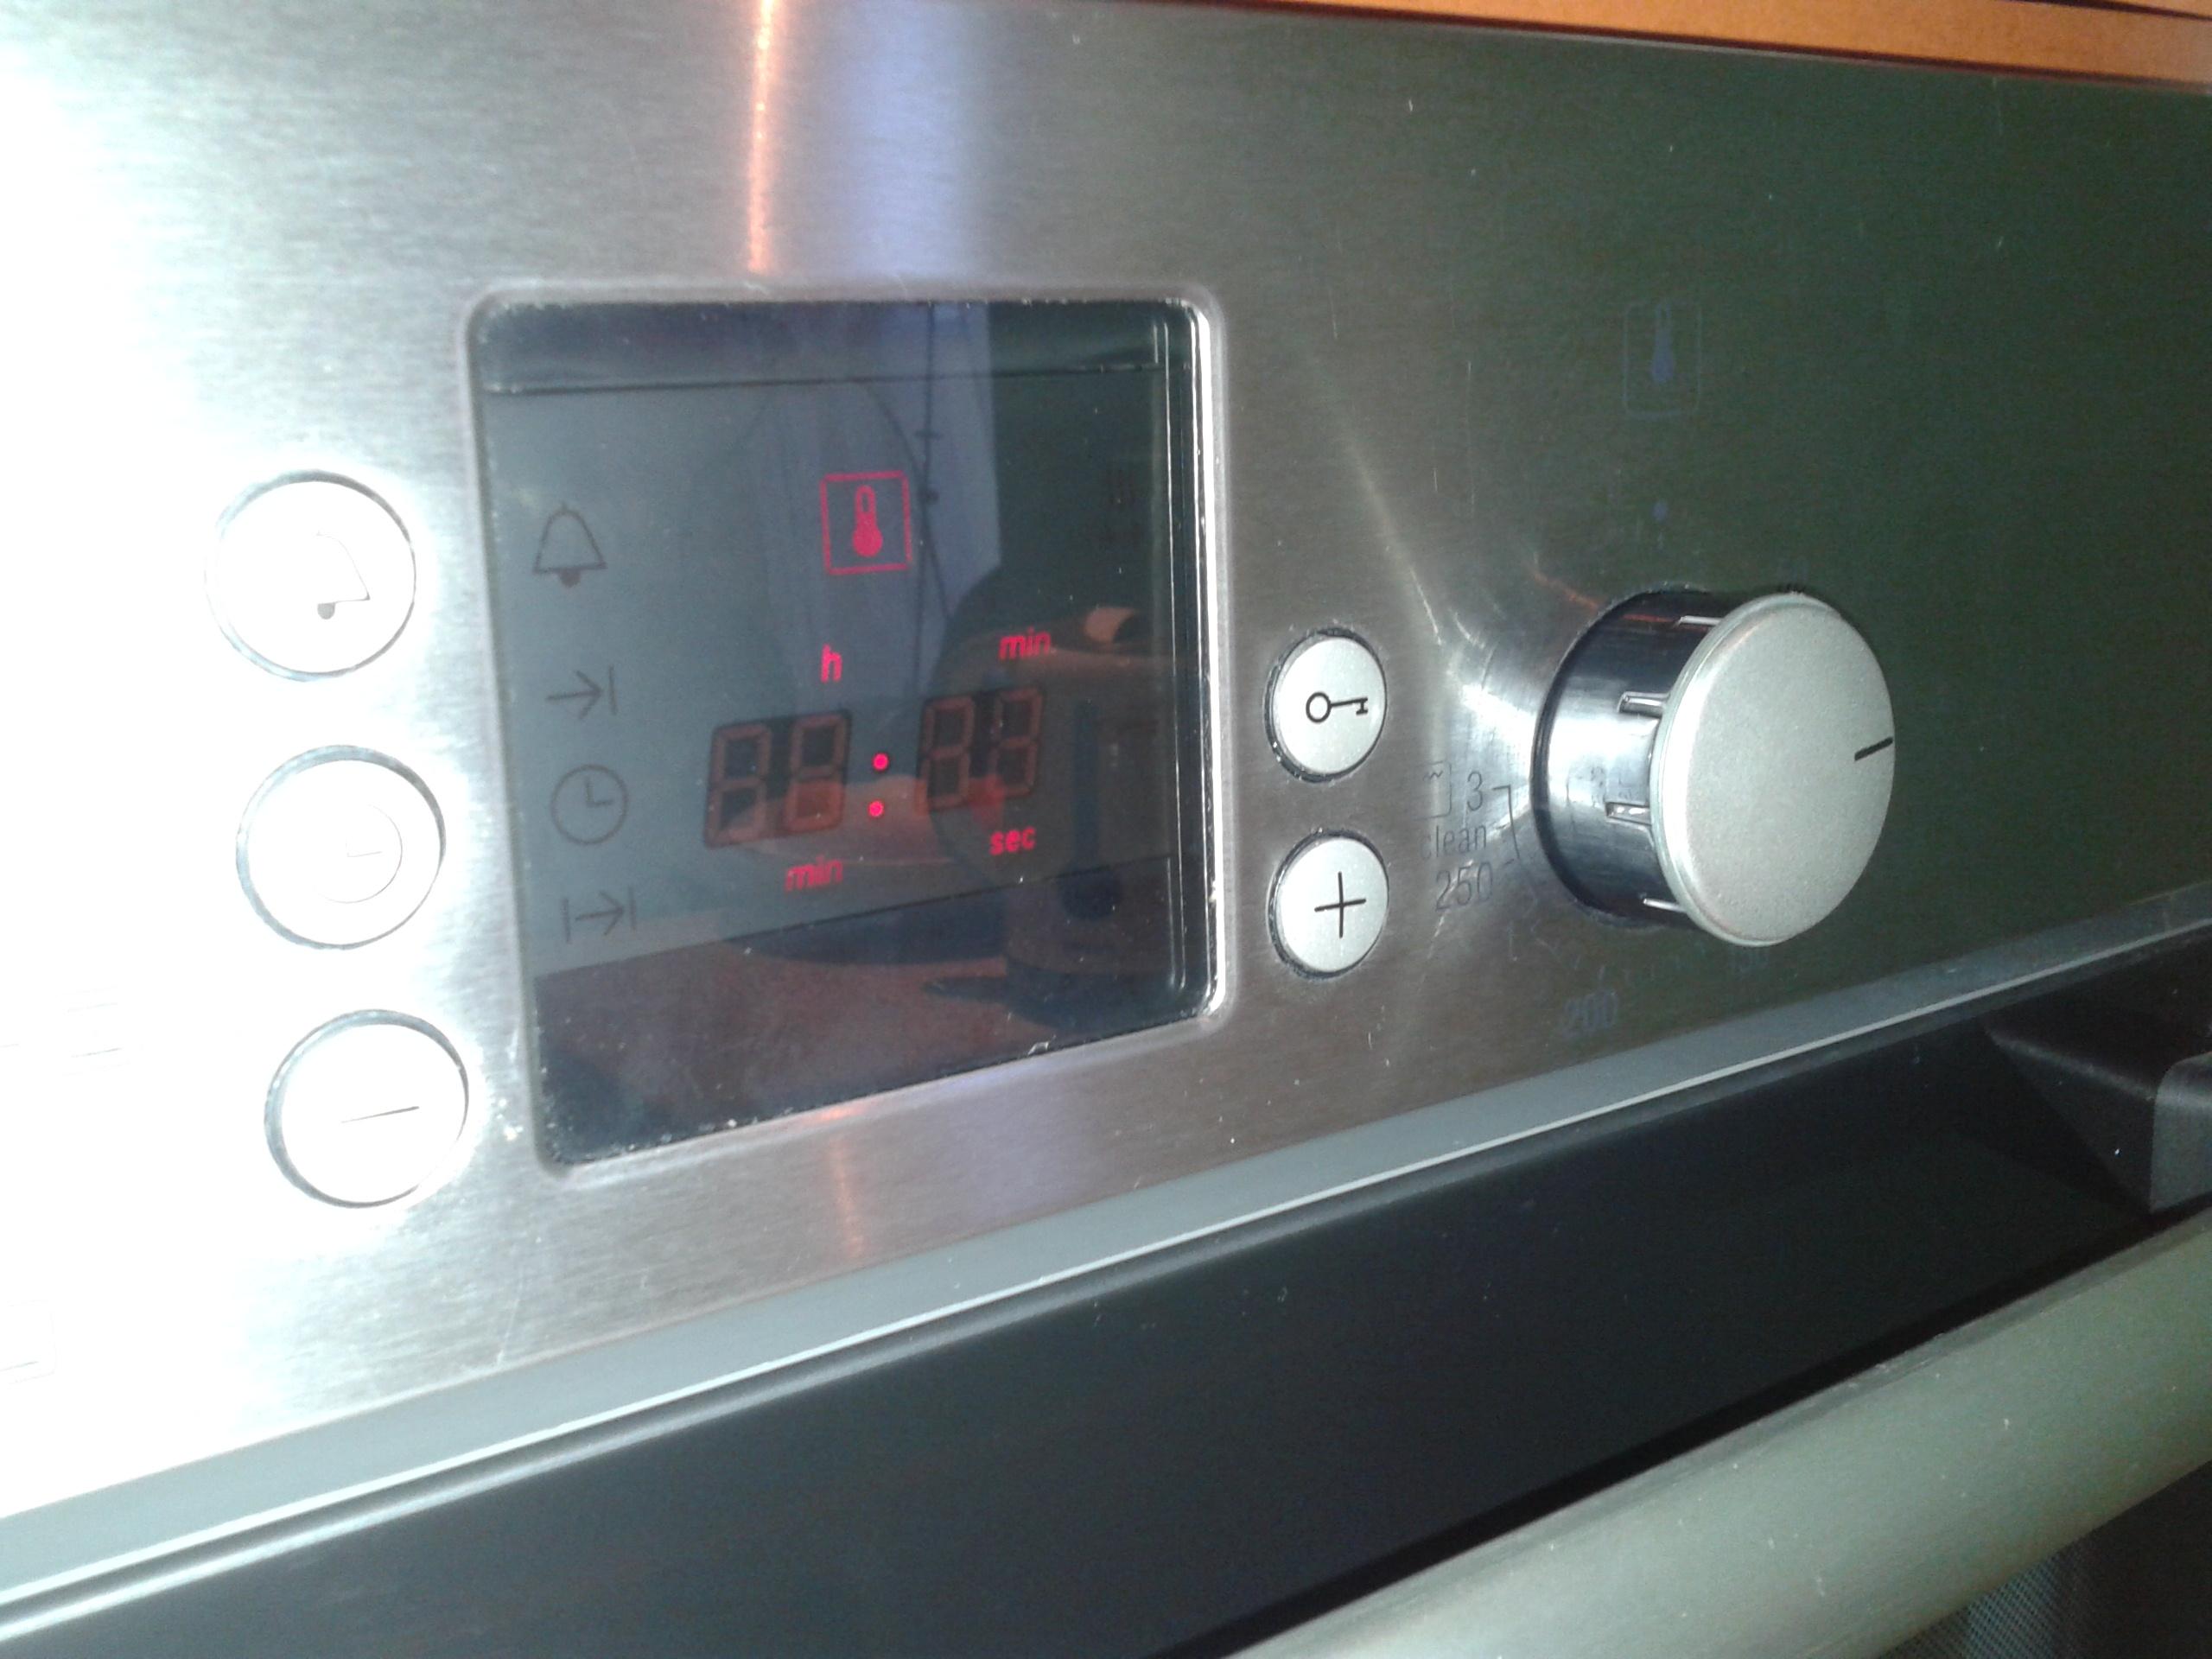 Bosch HBN 43 W 3.0 - Migaj�cy wy�wietlacz po d�ugim od��czeniu od zasilania